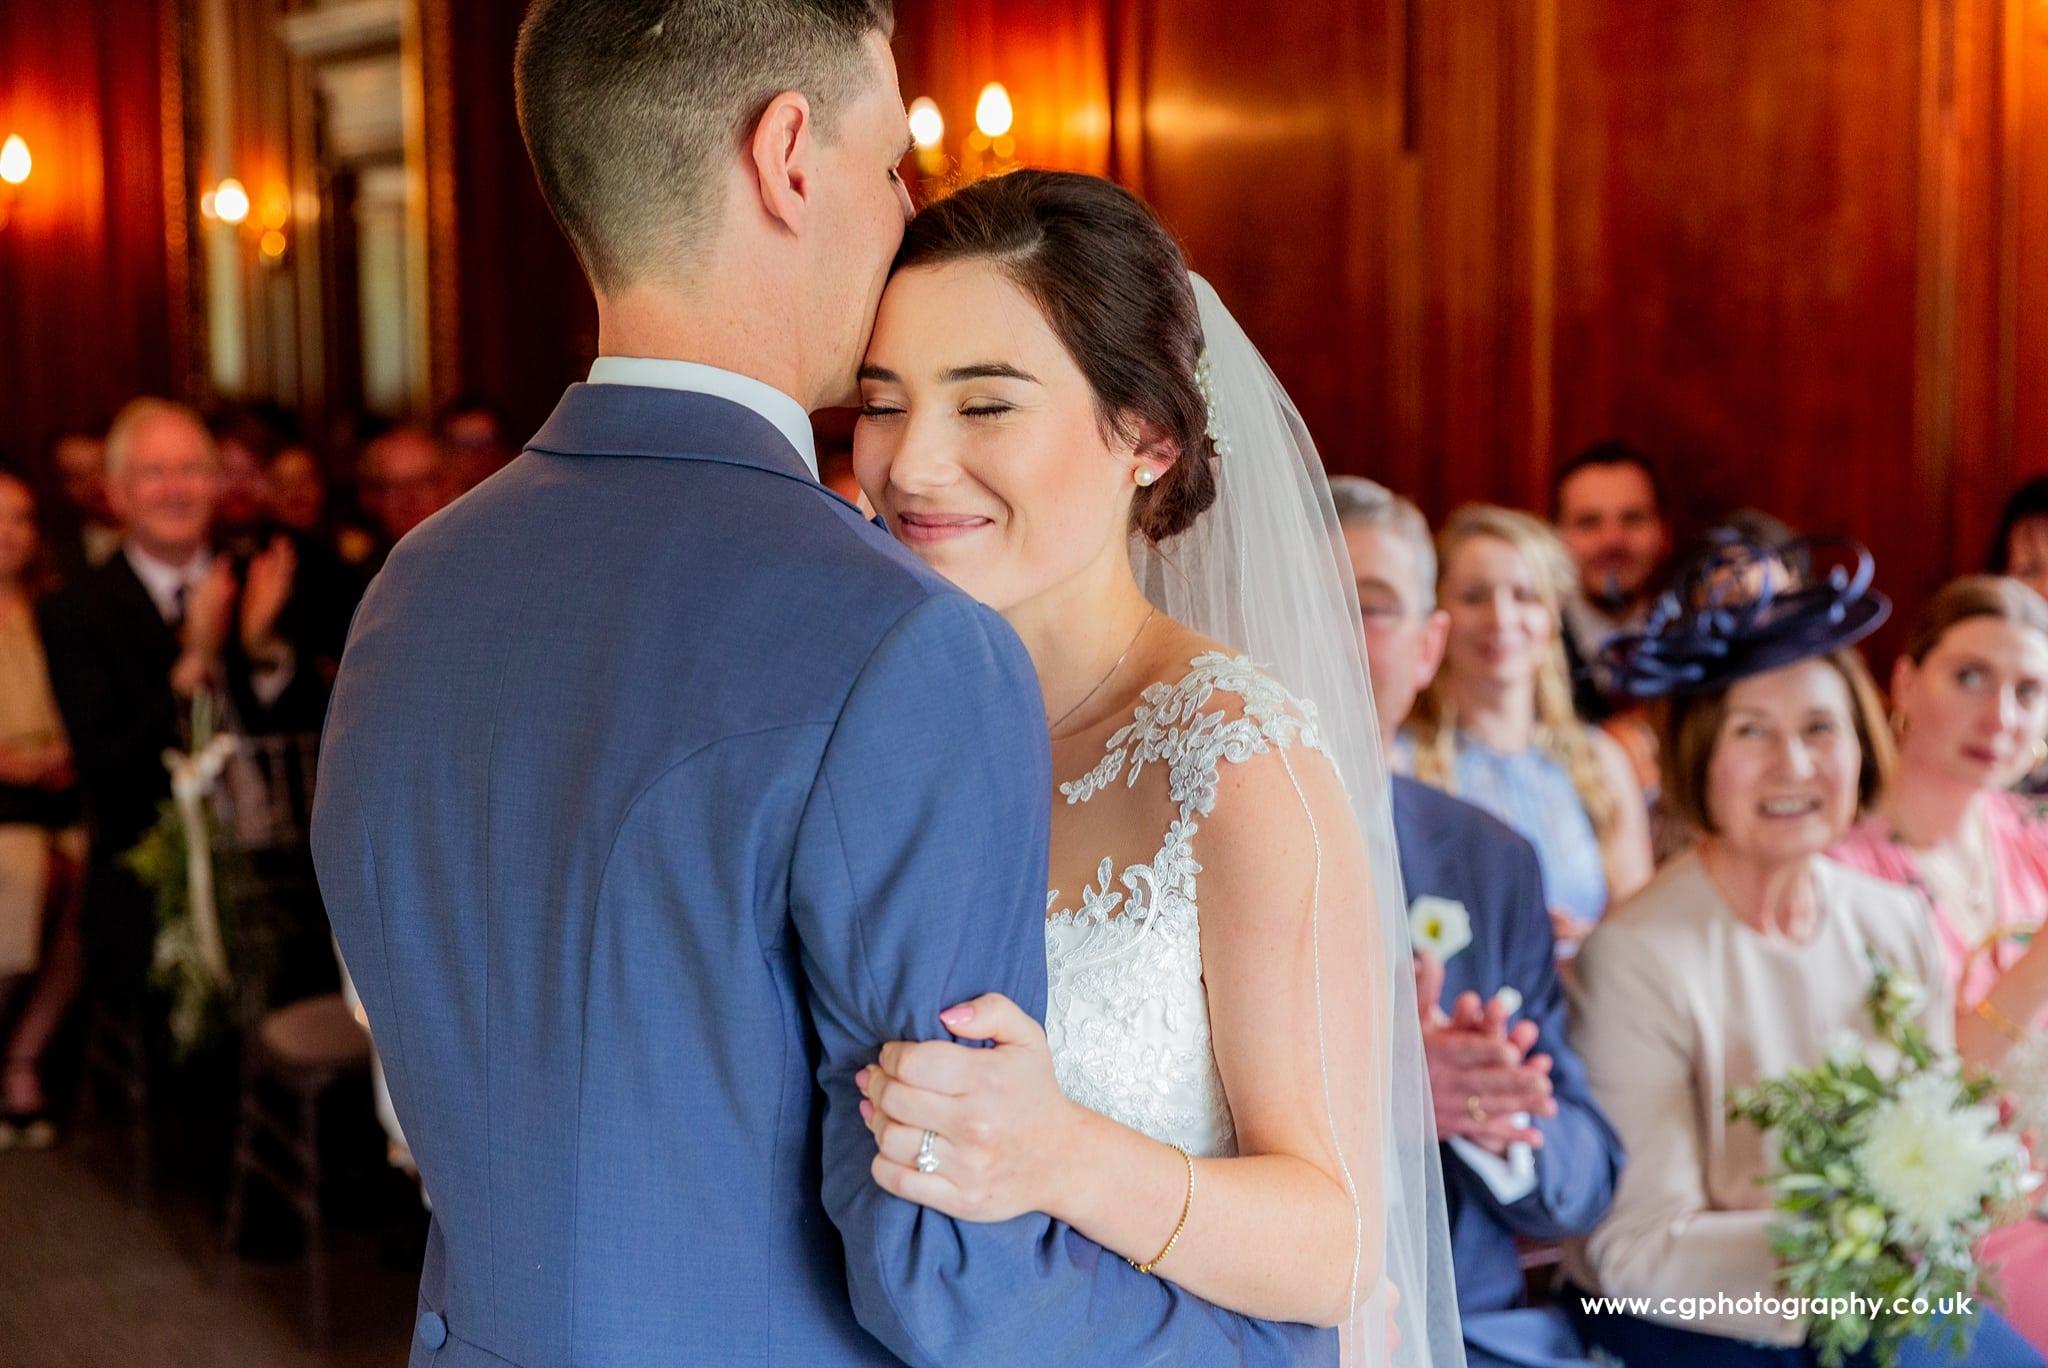 barnett Hill hotel wedding ceremony 5